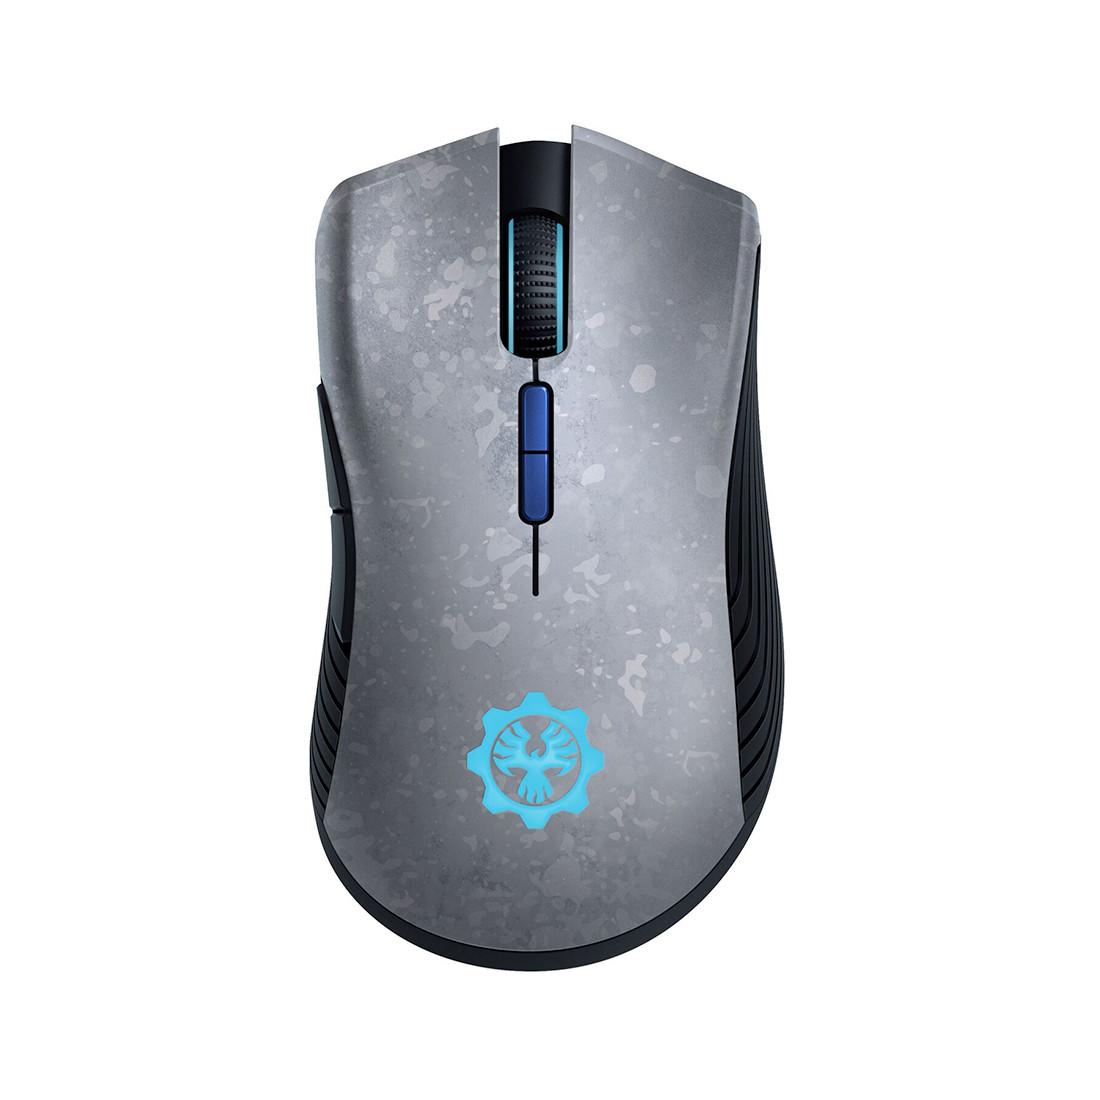 Компьютерная мышь Razer Mamba Wireless - Gears of War 5 Ed.